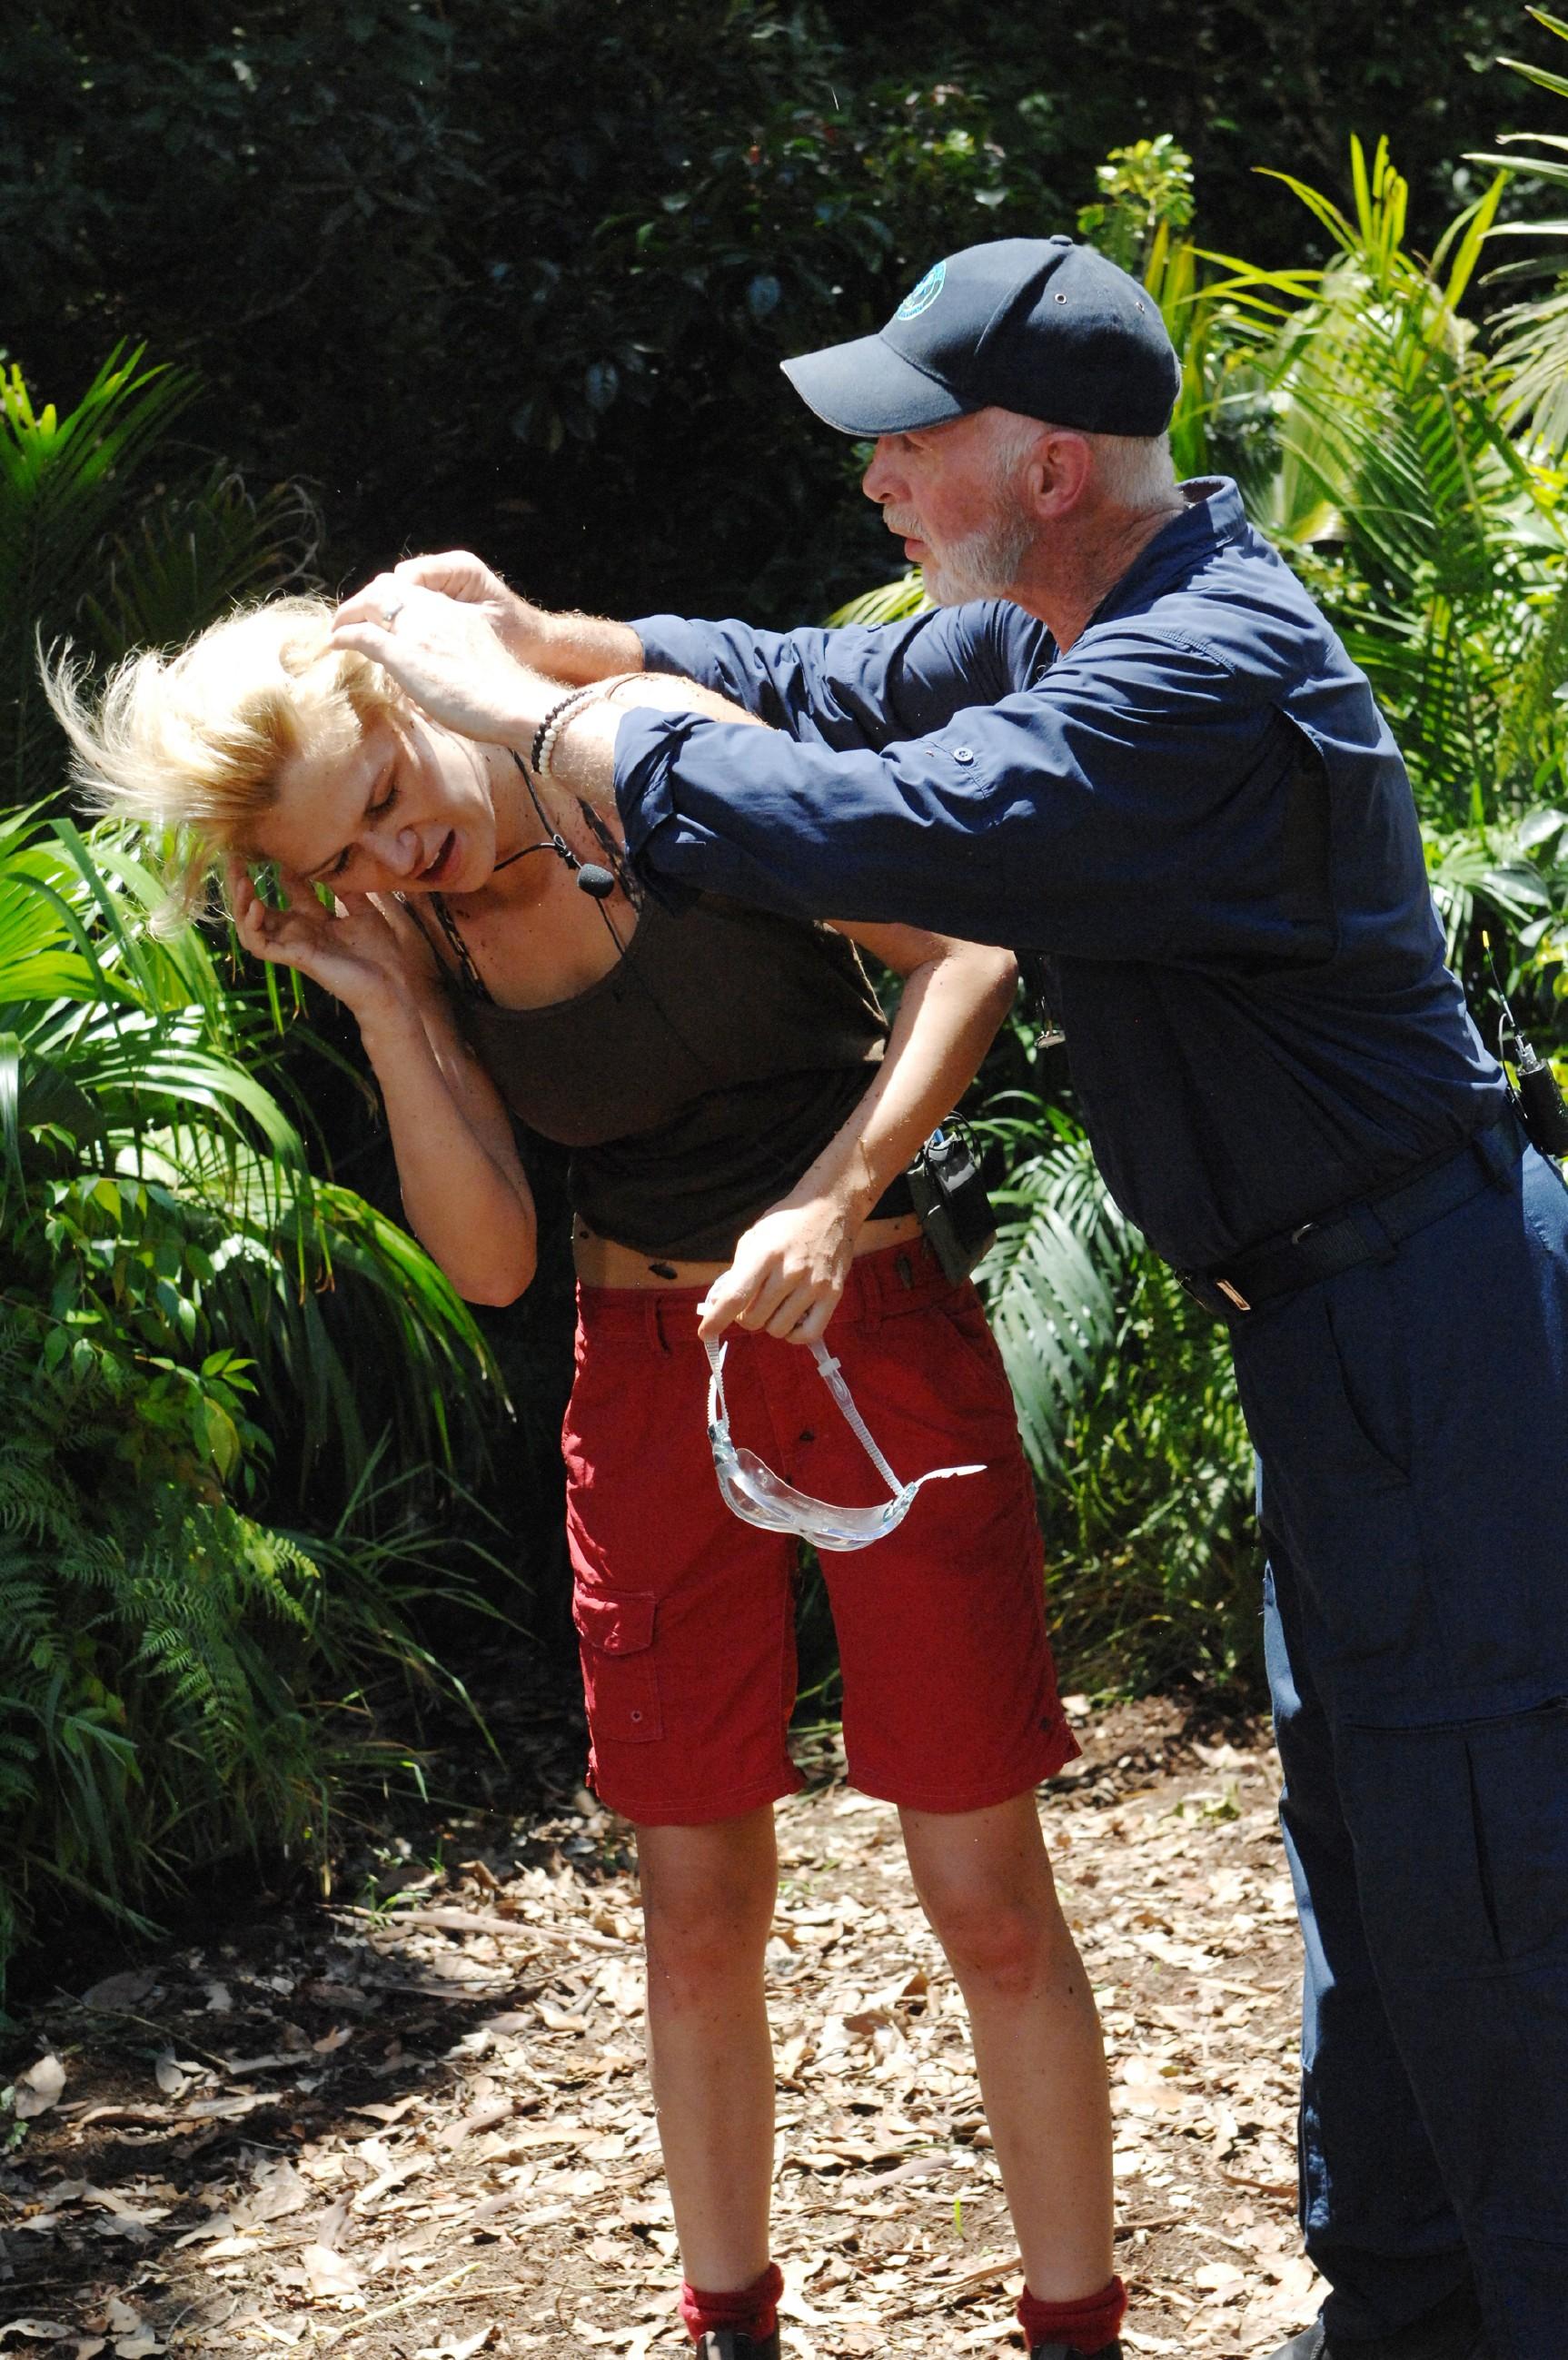 Dschungelcamp 2015 Dschungelprüfung 3 - Sara hat die Prüfung absolviert